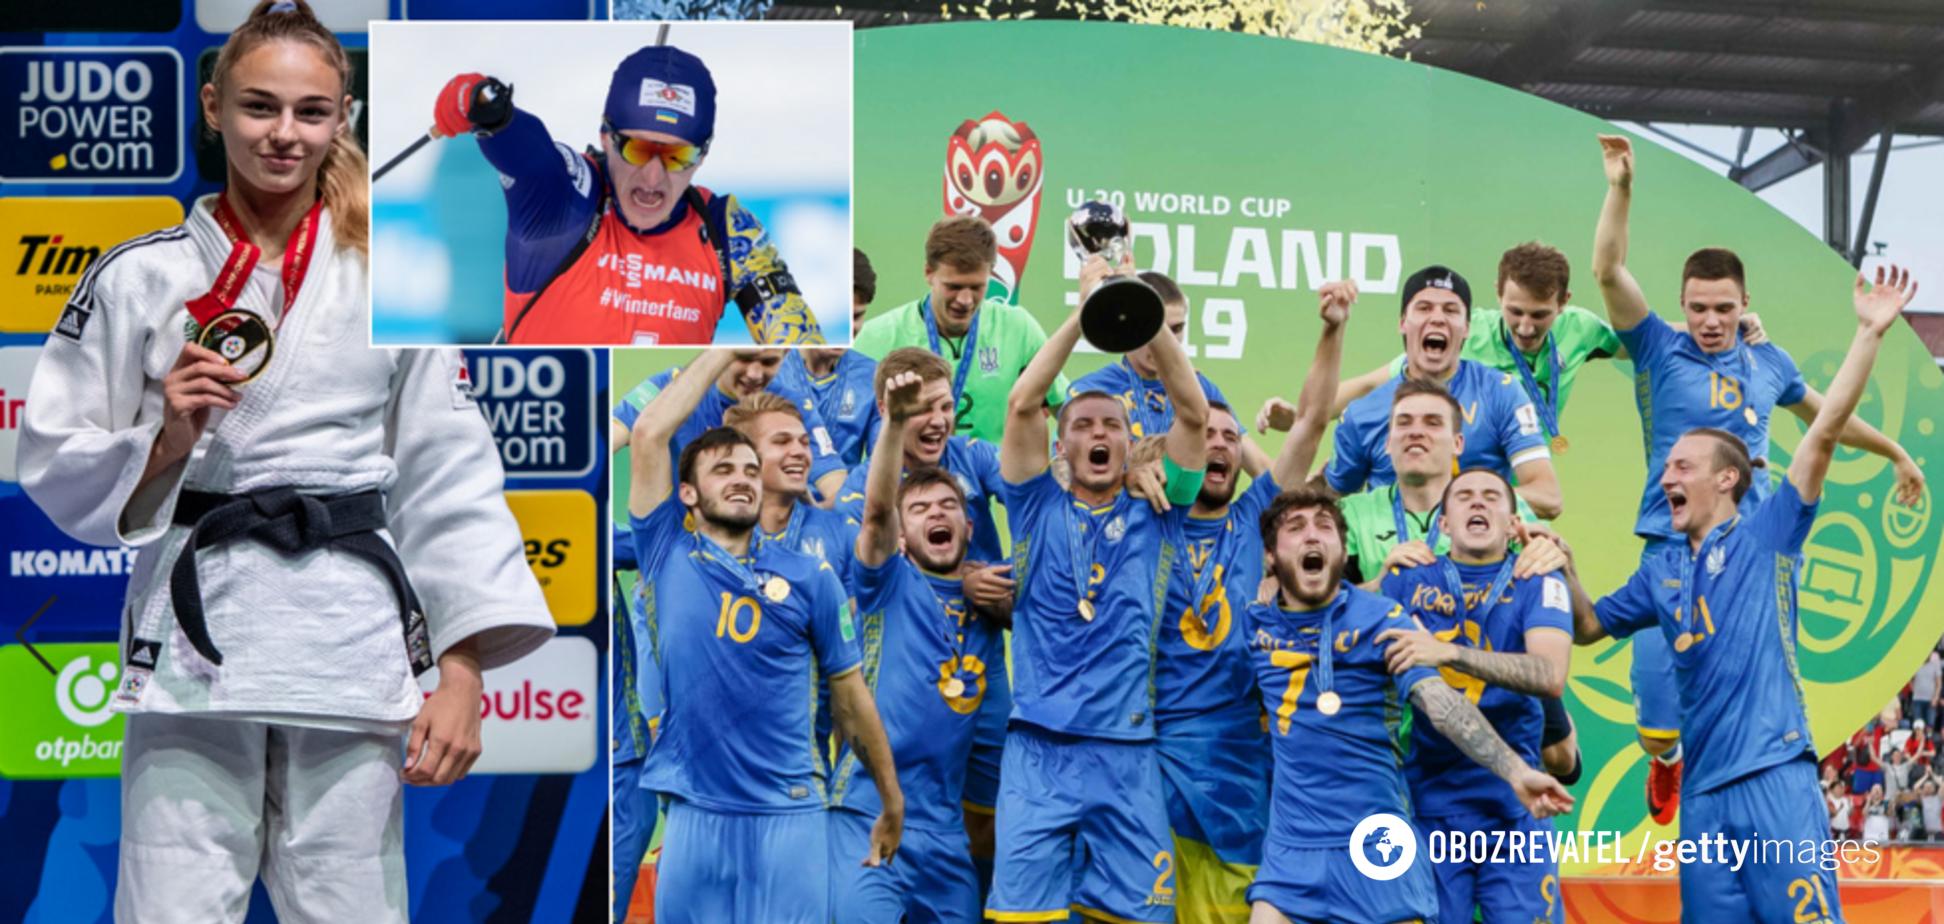 Когда Роналду и весь мир позади: 10 незабываемых моментов Украины в спорте 2019-го